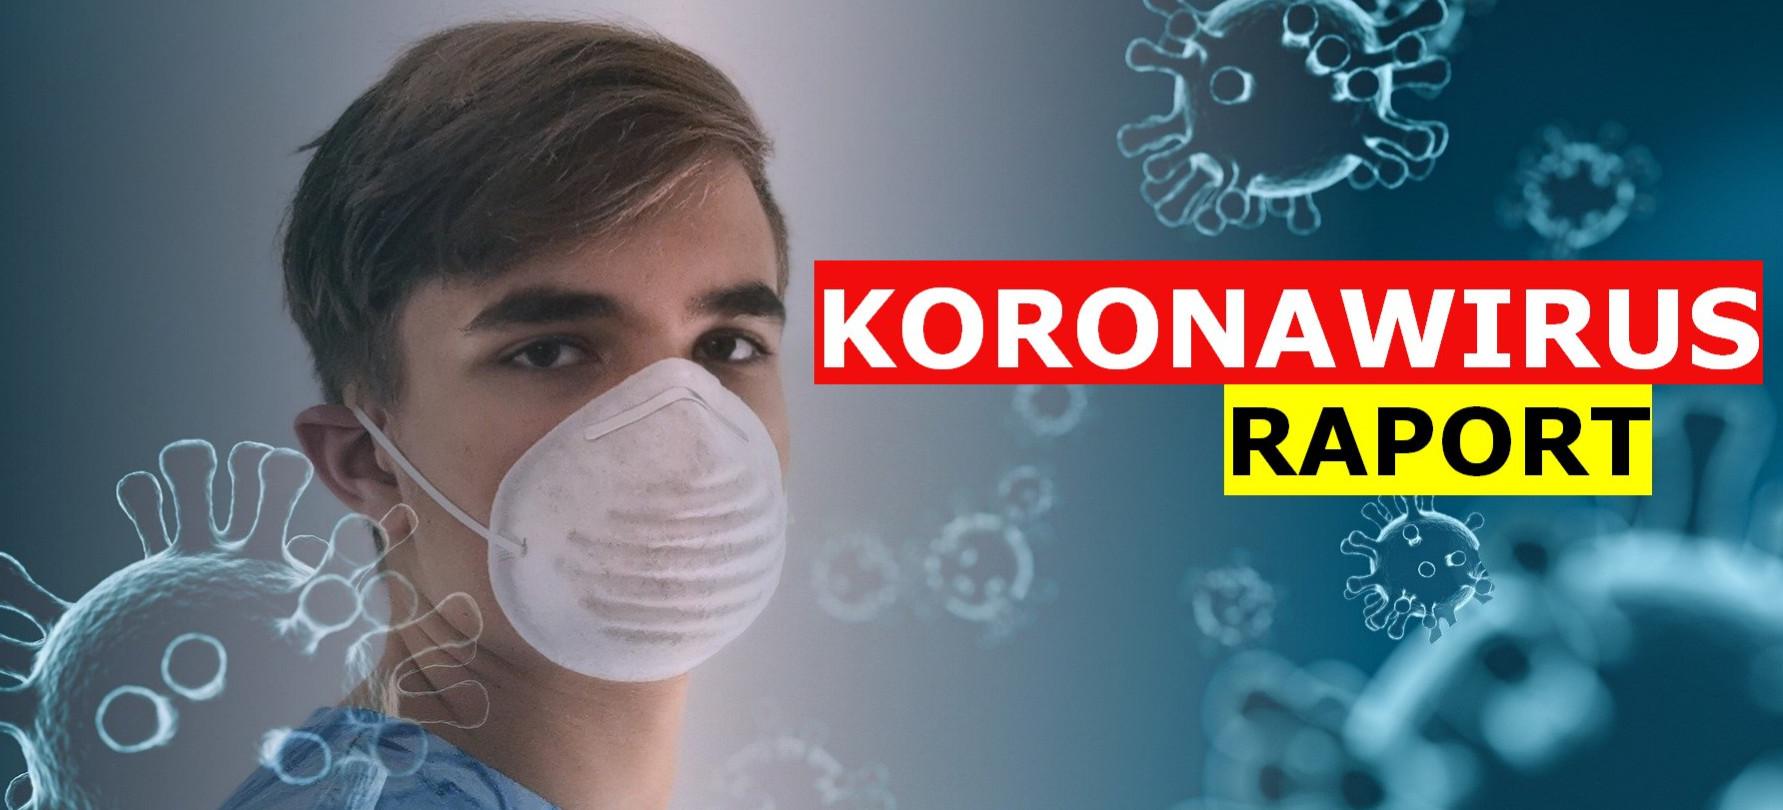 20 nowych zakażeń koronawirusem w sąsiednim powiecie!